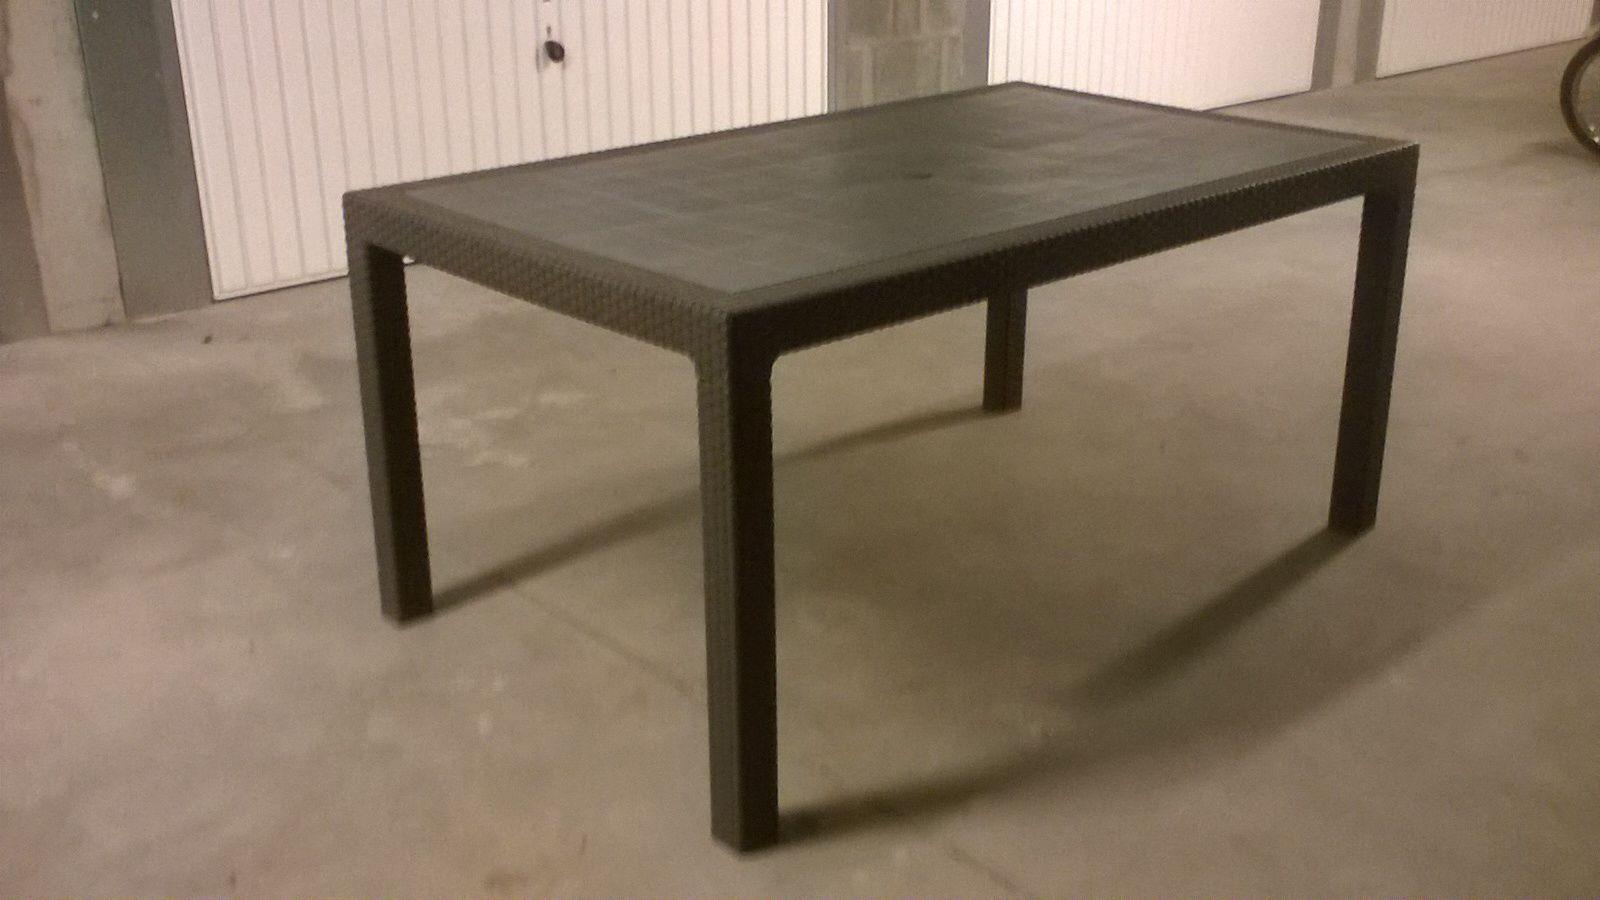 tables de jardin occasion annonces achat et vente de. Black Bedroom Furniture Sets. Home Design Ideas